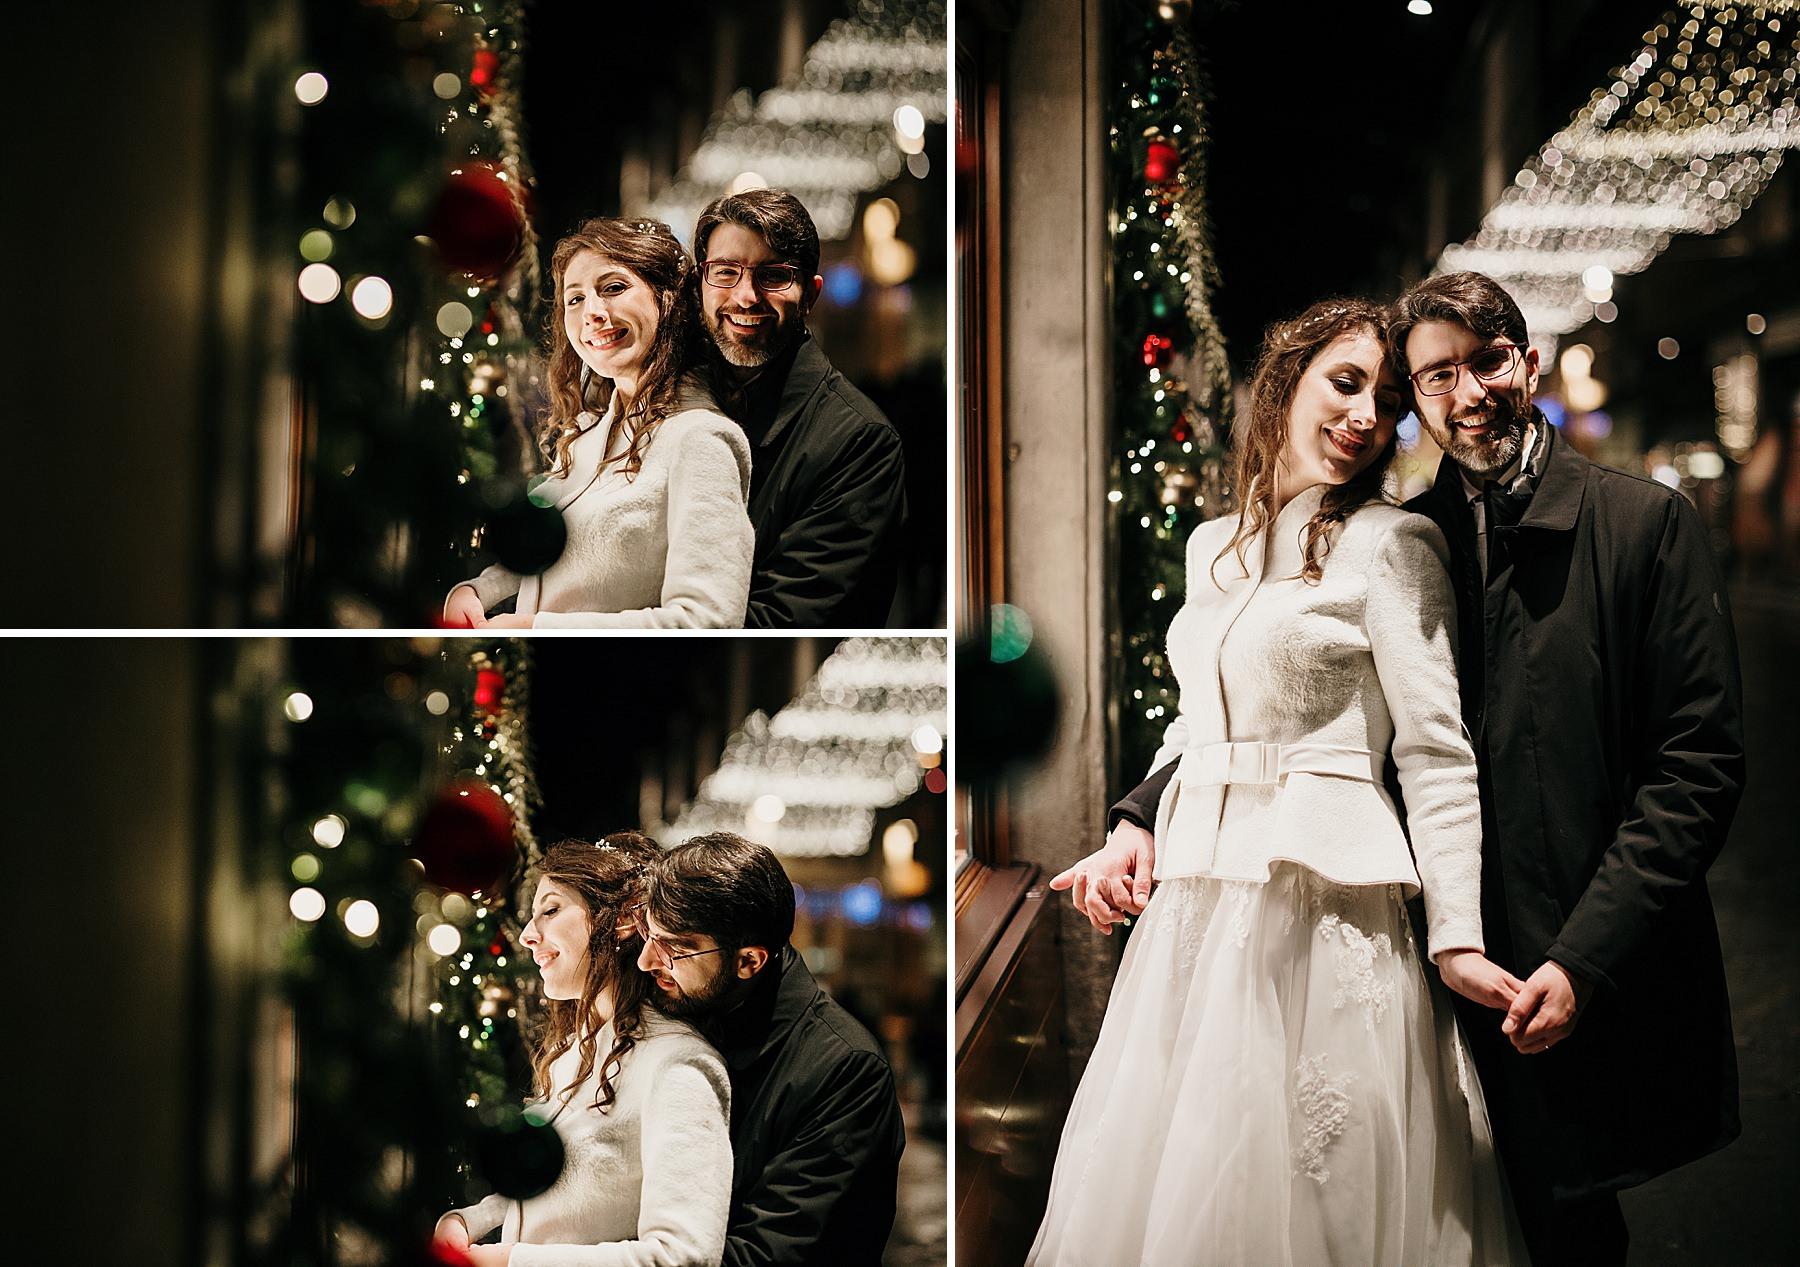 fotografia-di-matrimonio-a-firenze-in-inverno-775.JPG